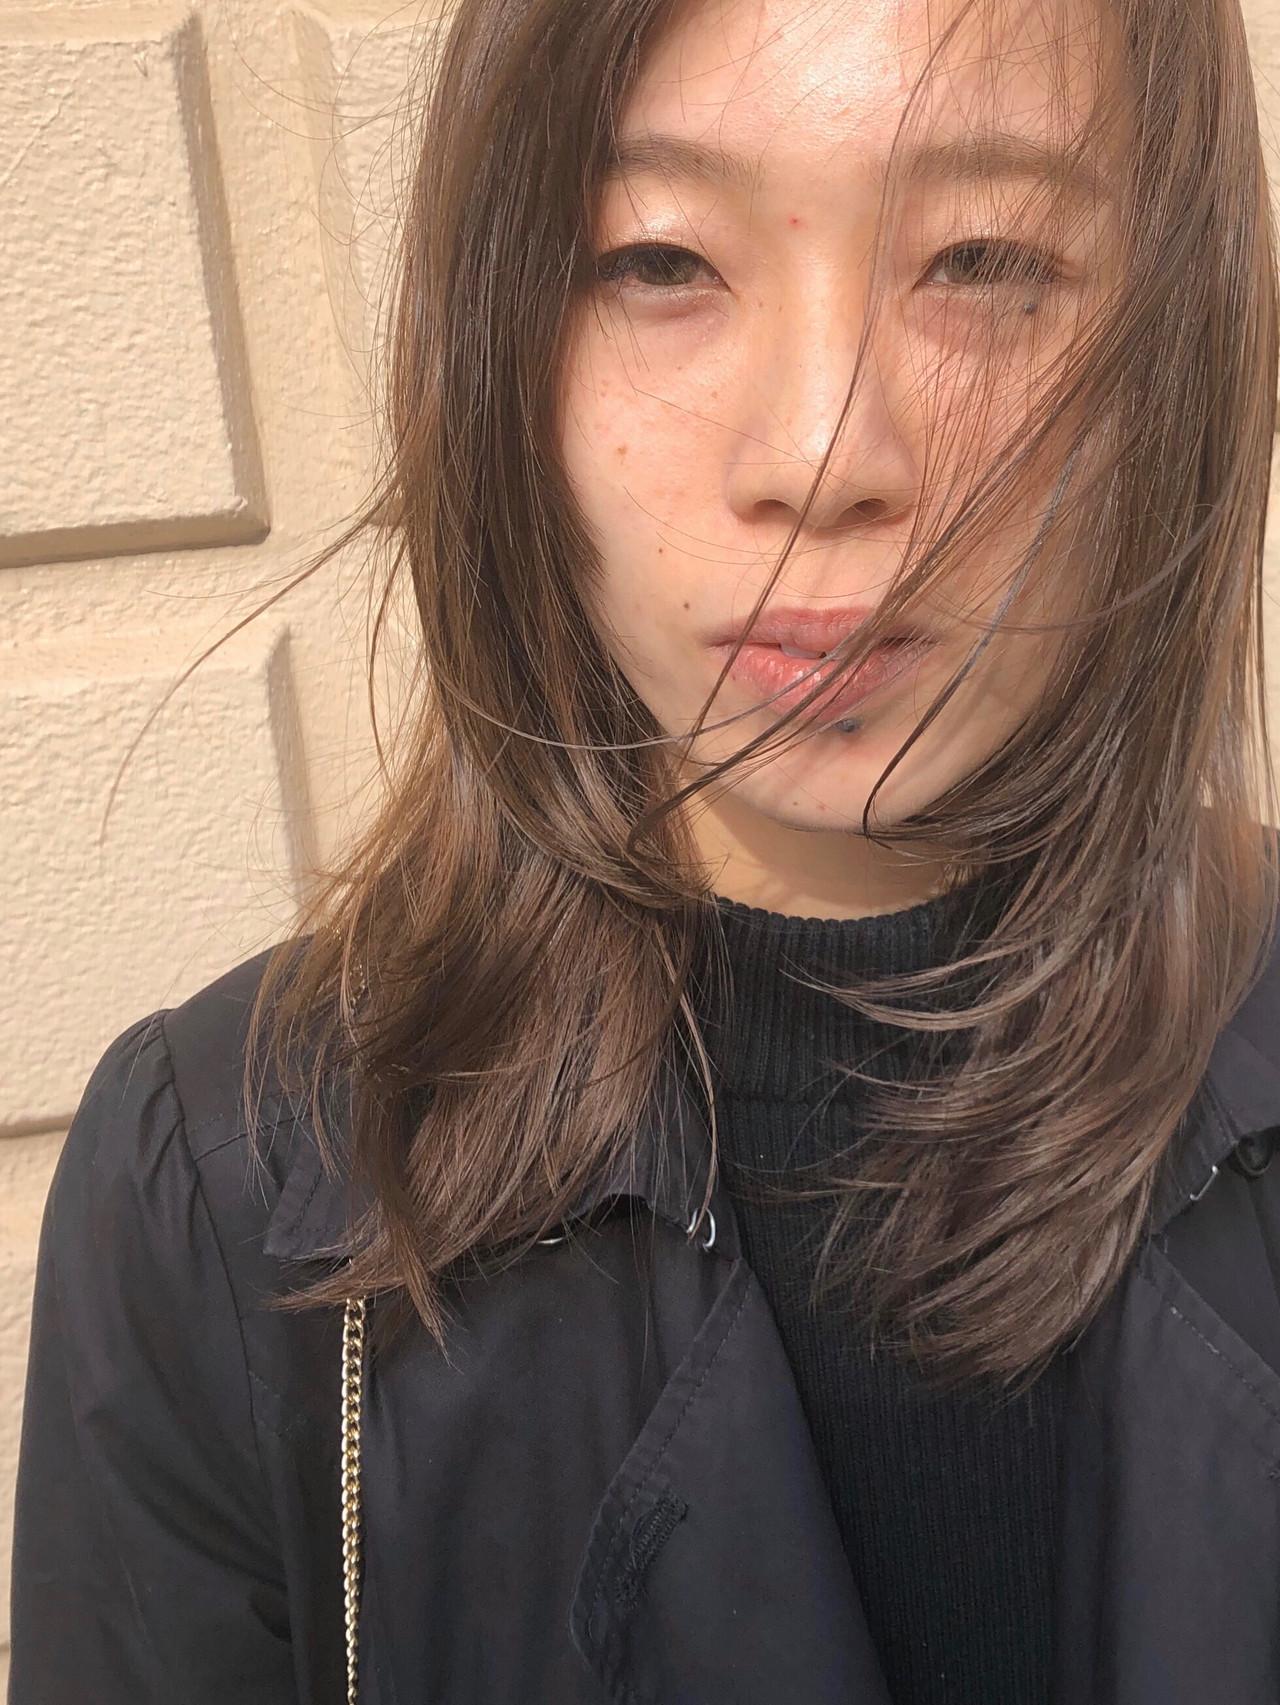 ミルクティーベージュ ナチュラル ハイライト ミディアム ヘアスタイルや髪型の写真・画像